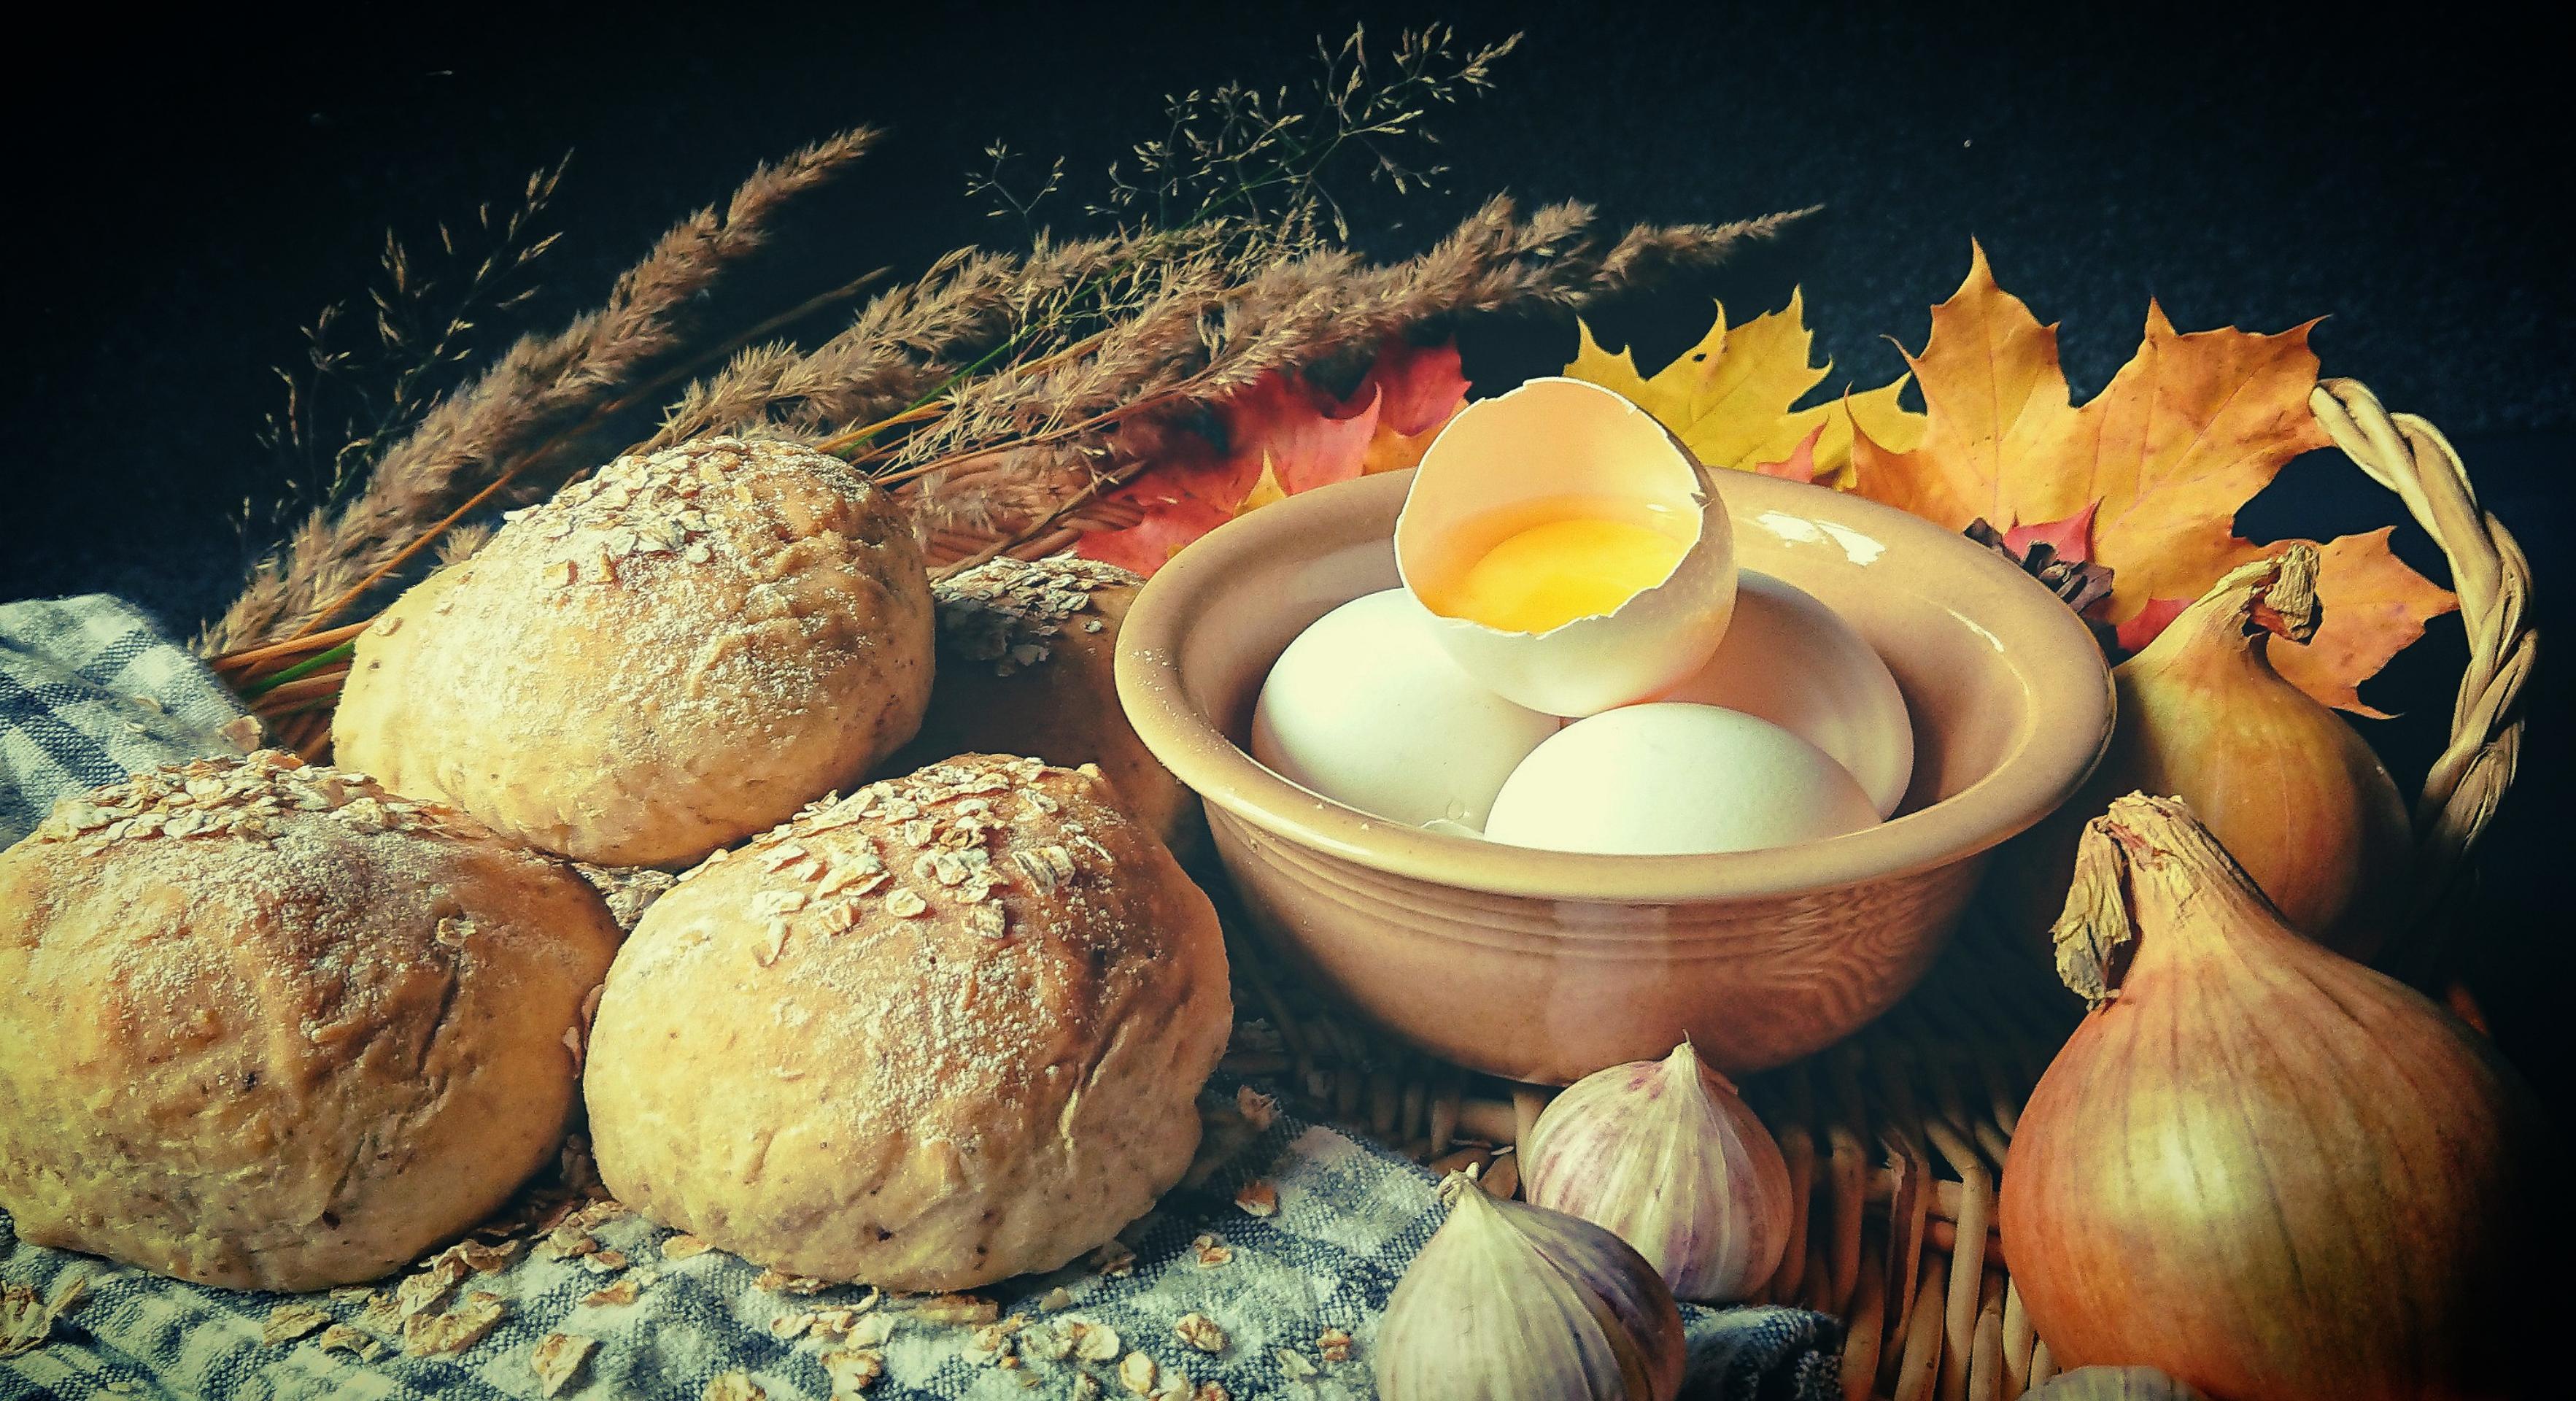 Kananmunan Kalorit